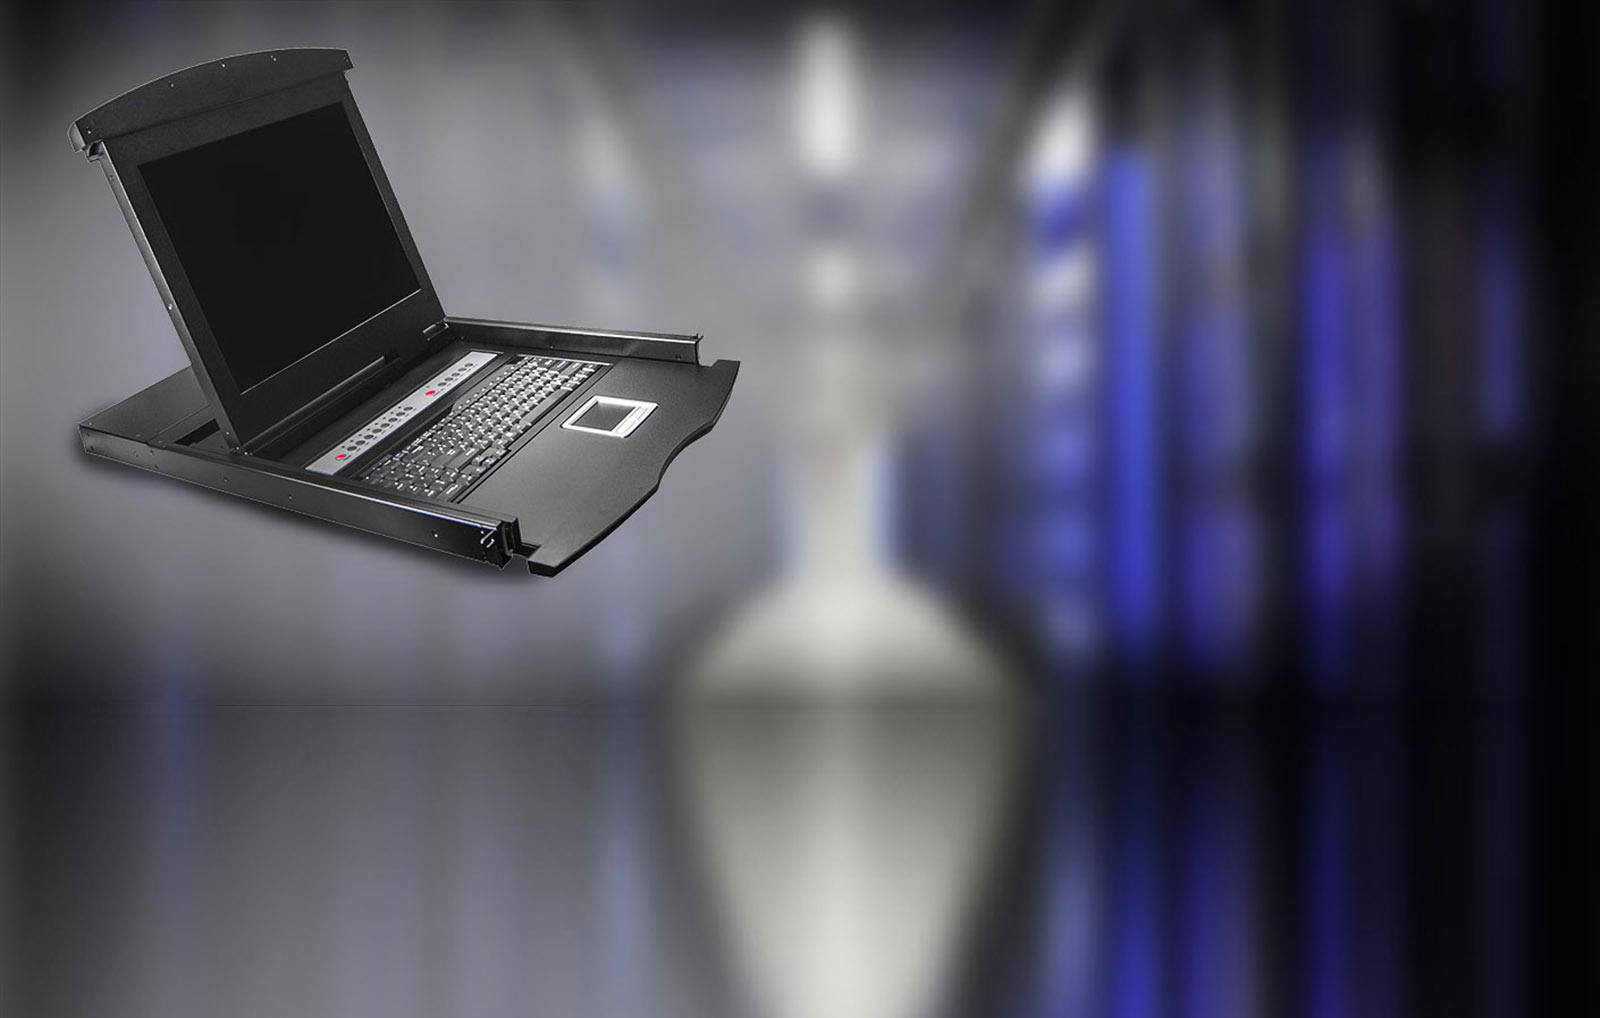 КВМ оборудование для администрирования серверных